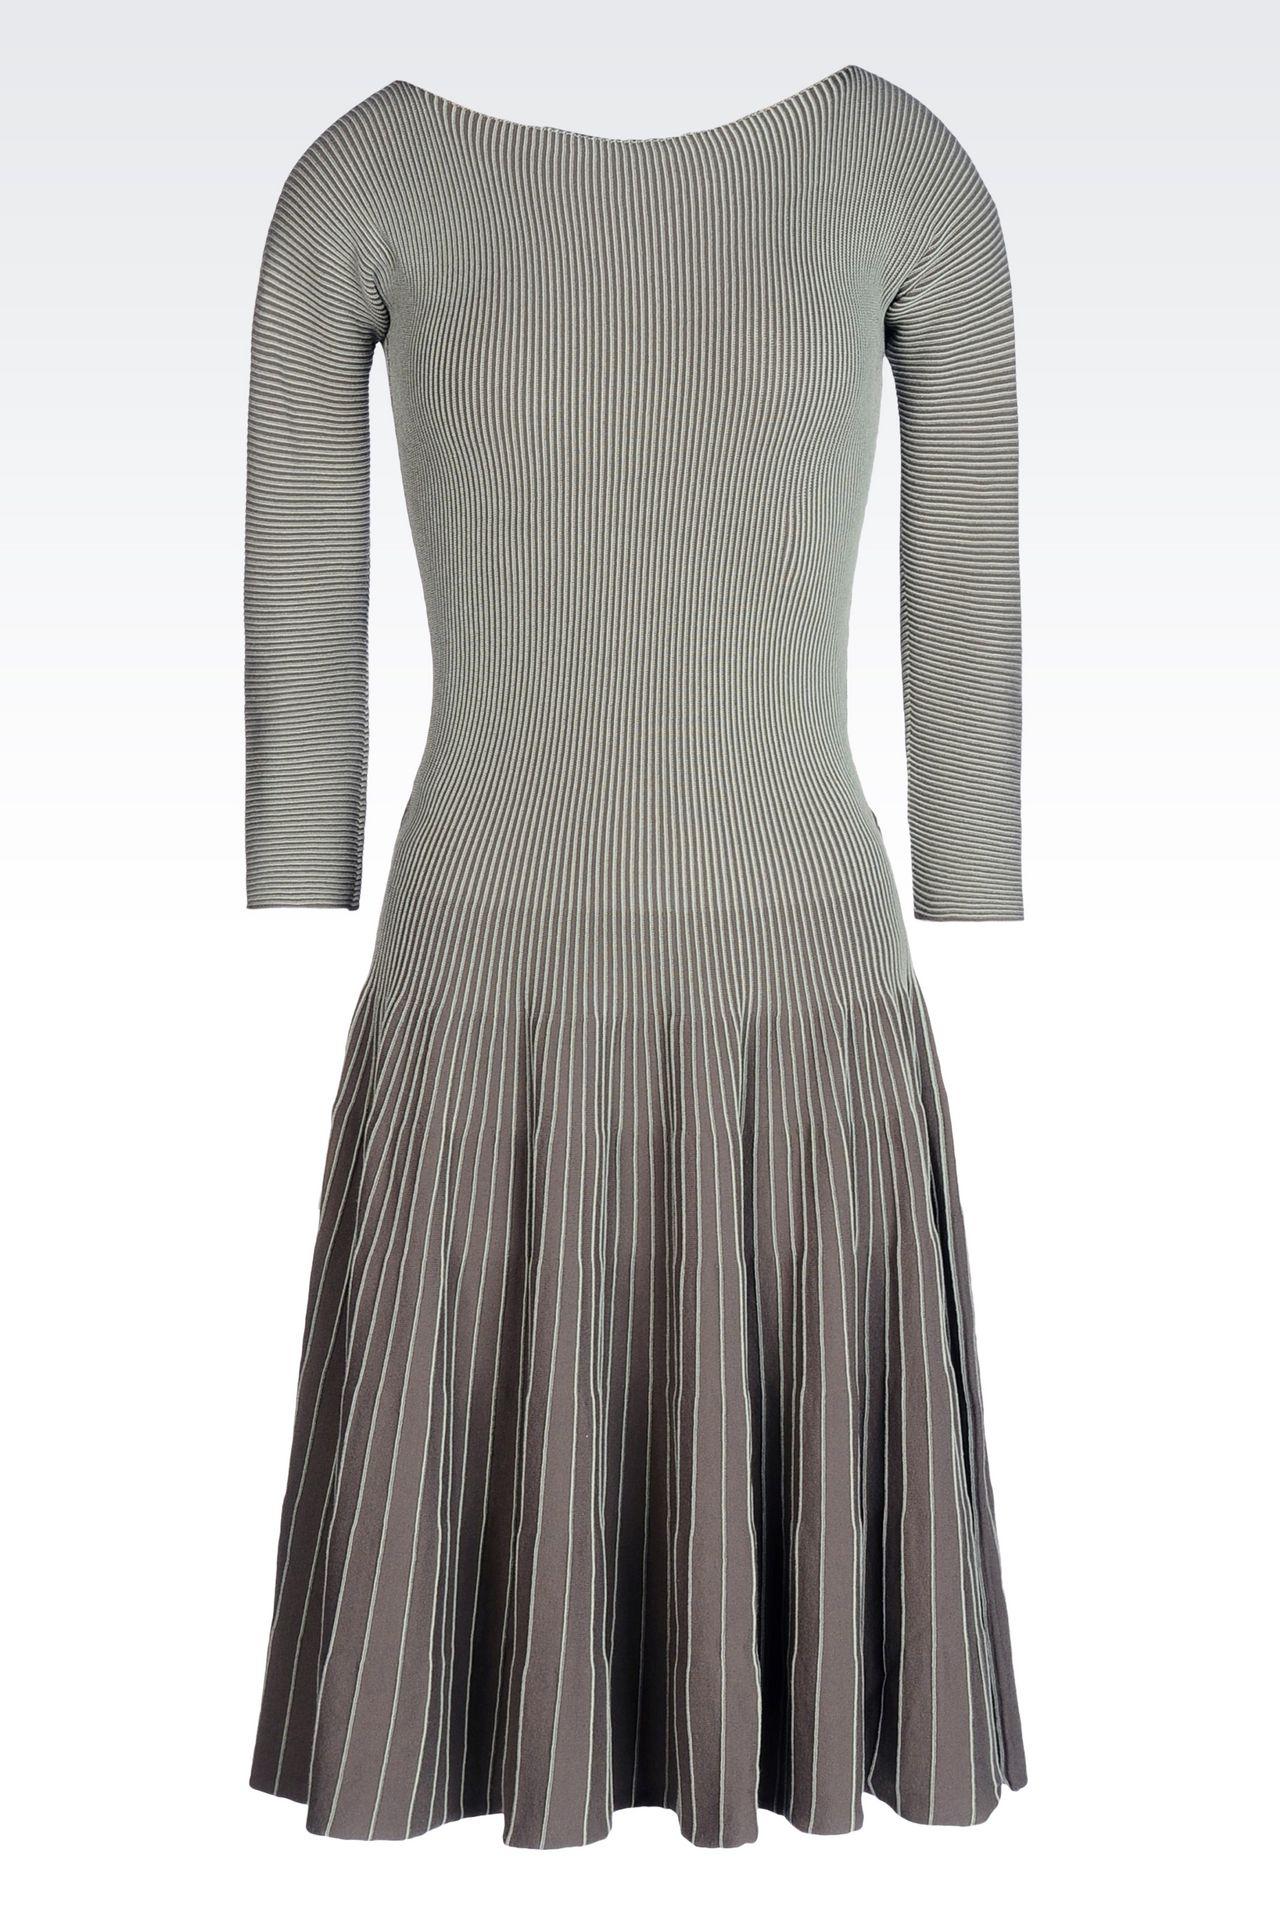 Купить юбку плиссе трикотажная